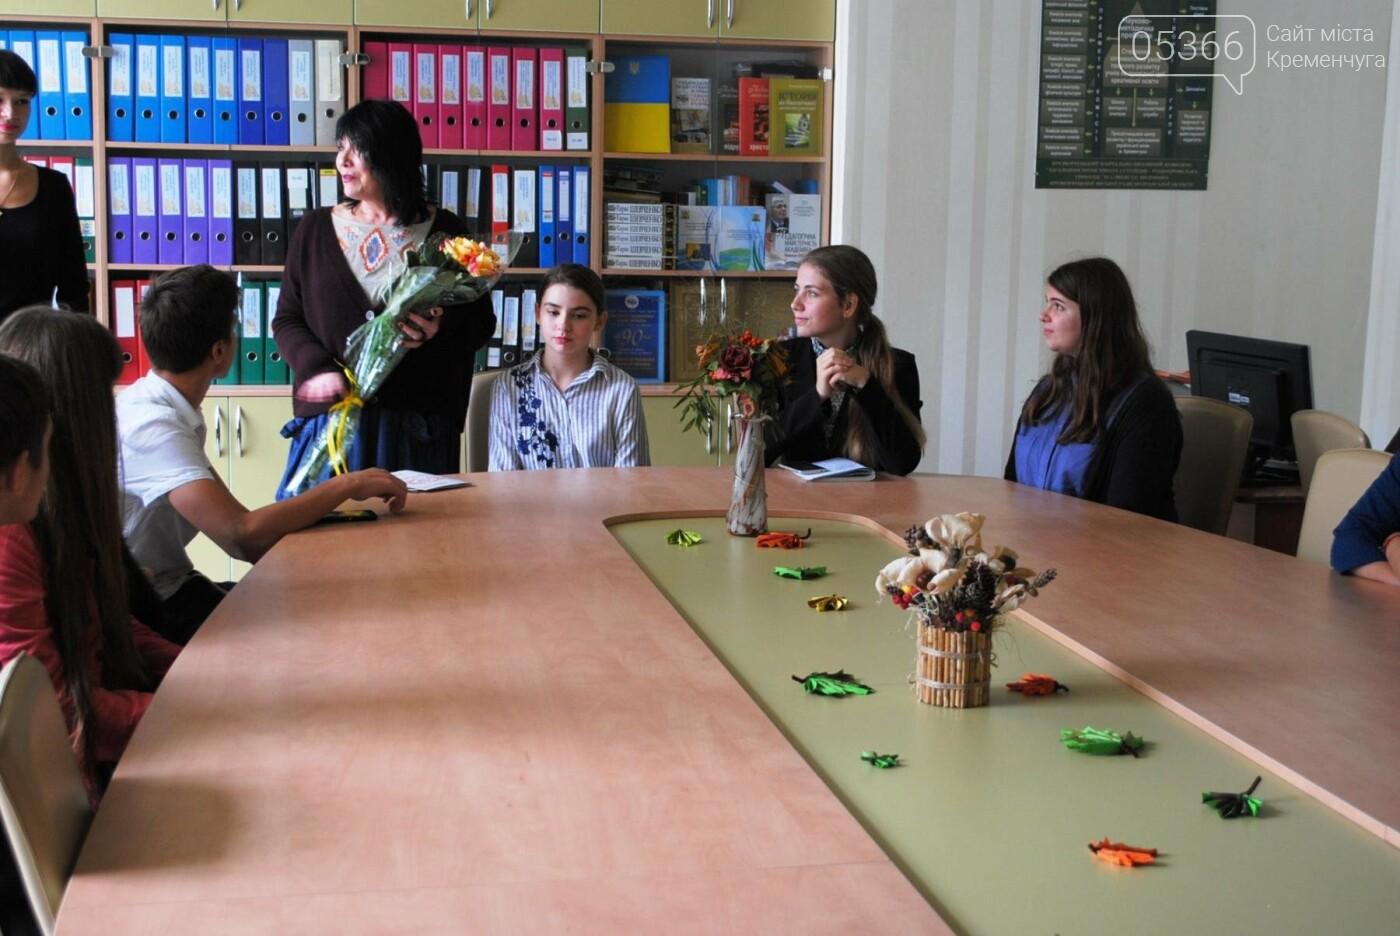 Лучший подарок для учителя - признание и любовь учеников (ФОТО), фото-8